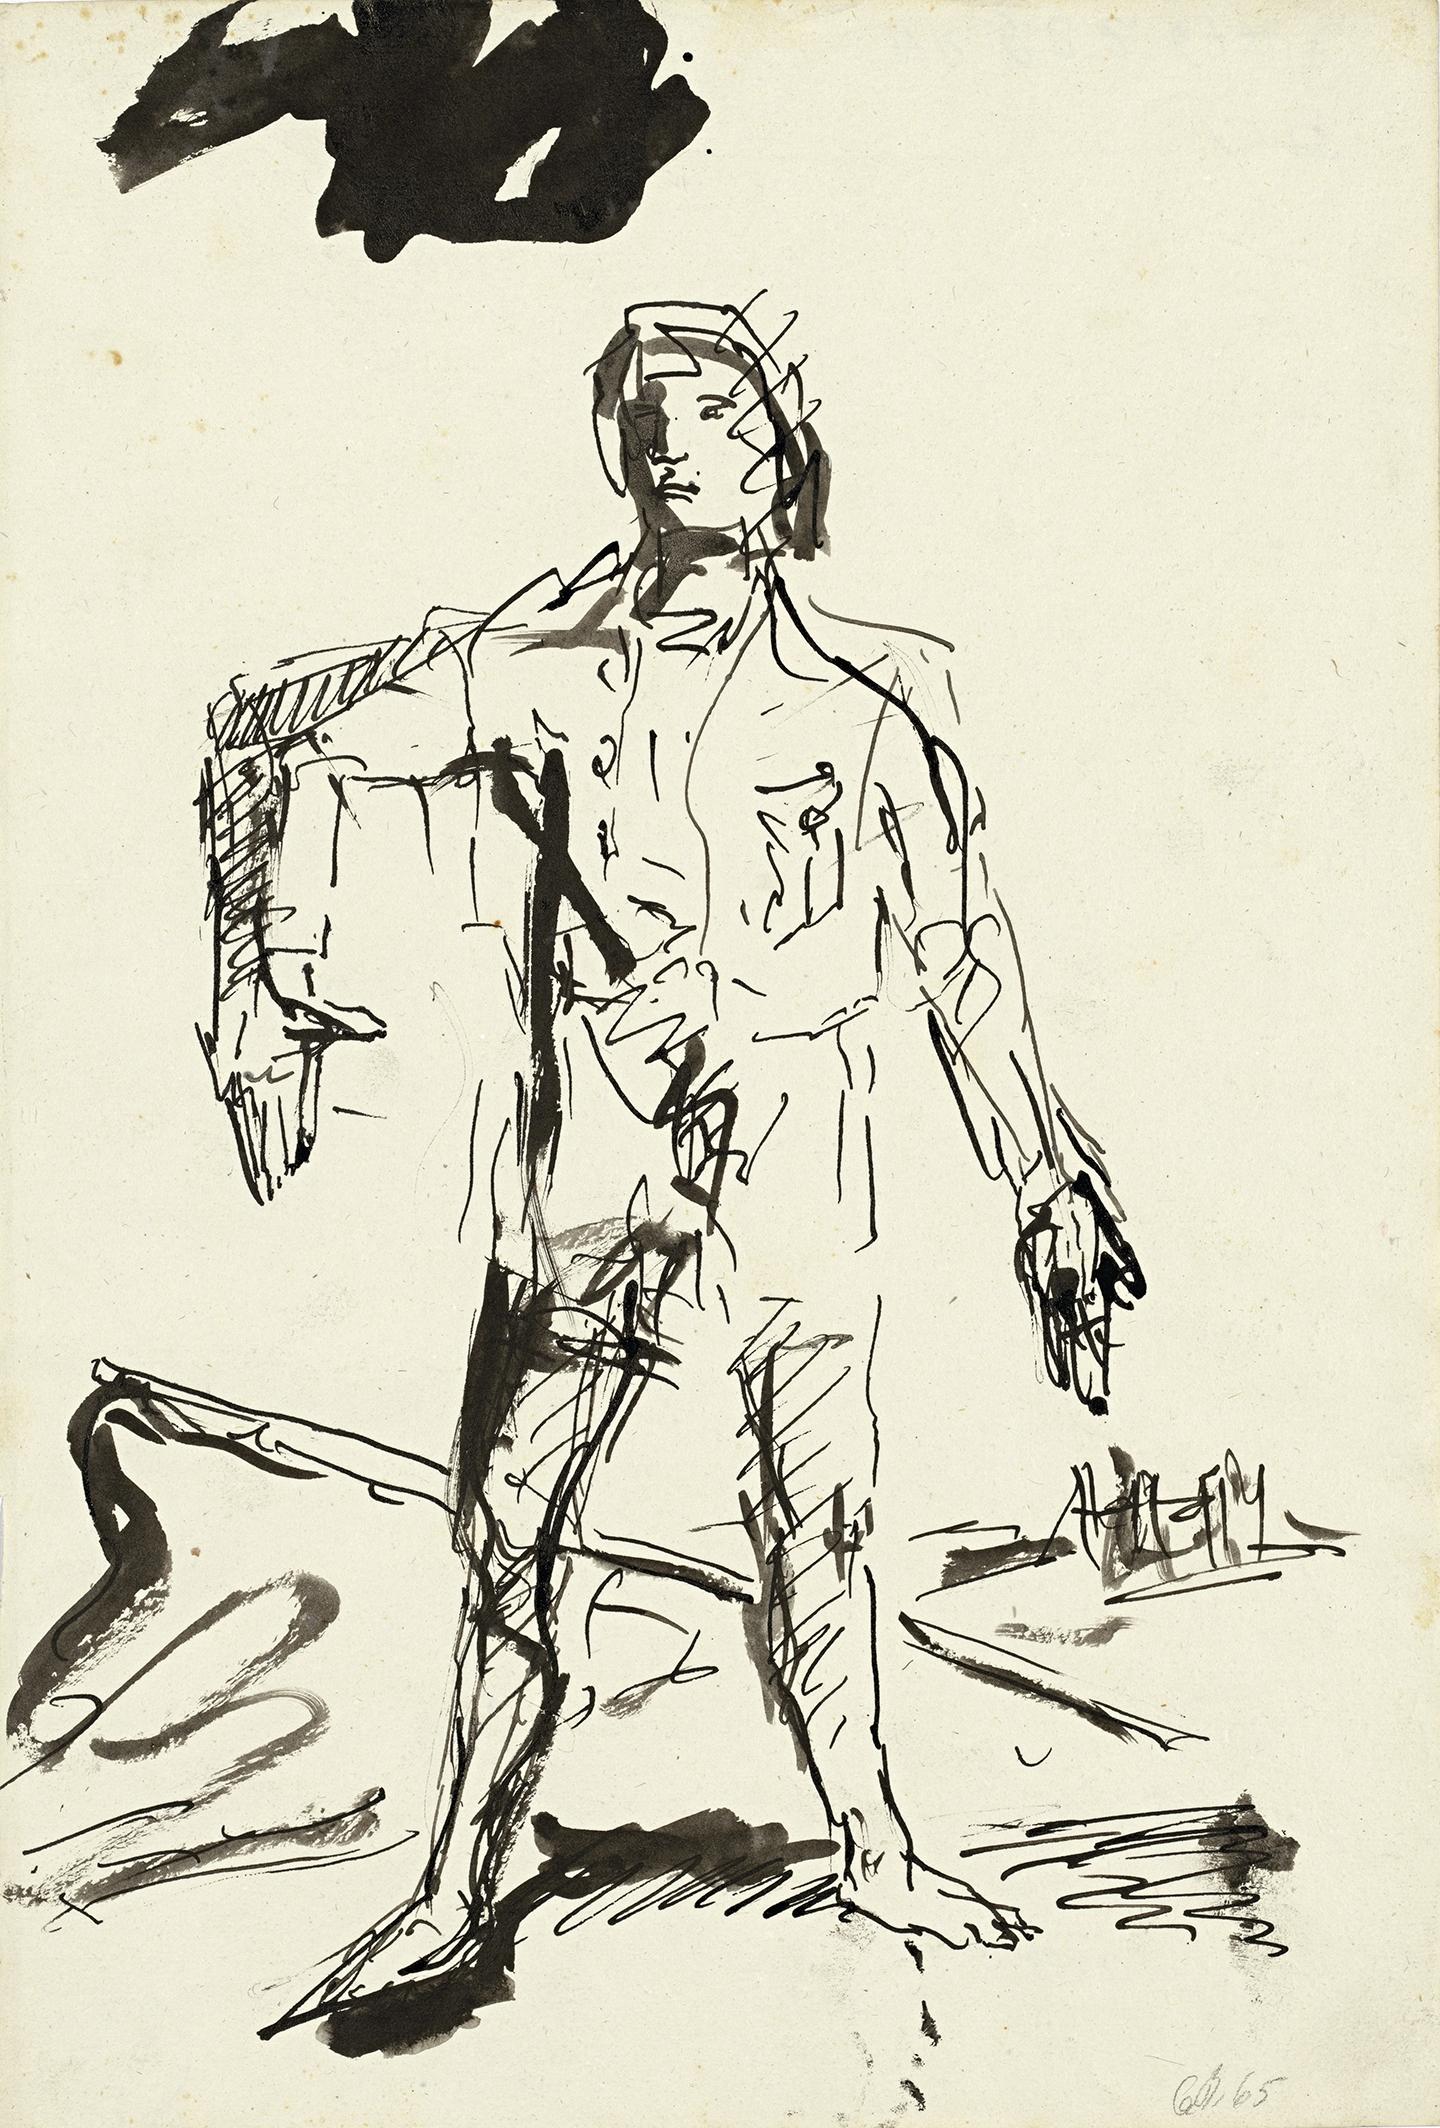 Georg Baselitz, Ein neuer Typ (Un nuevo tipo), 1965